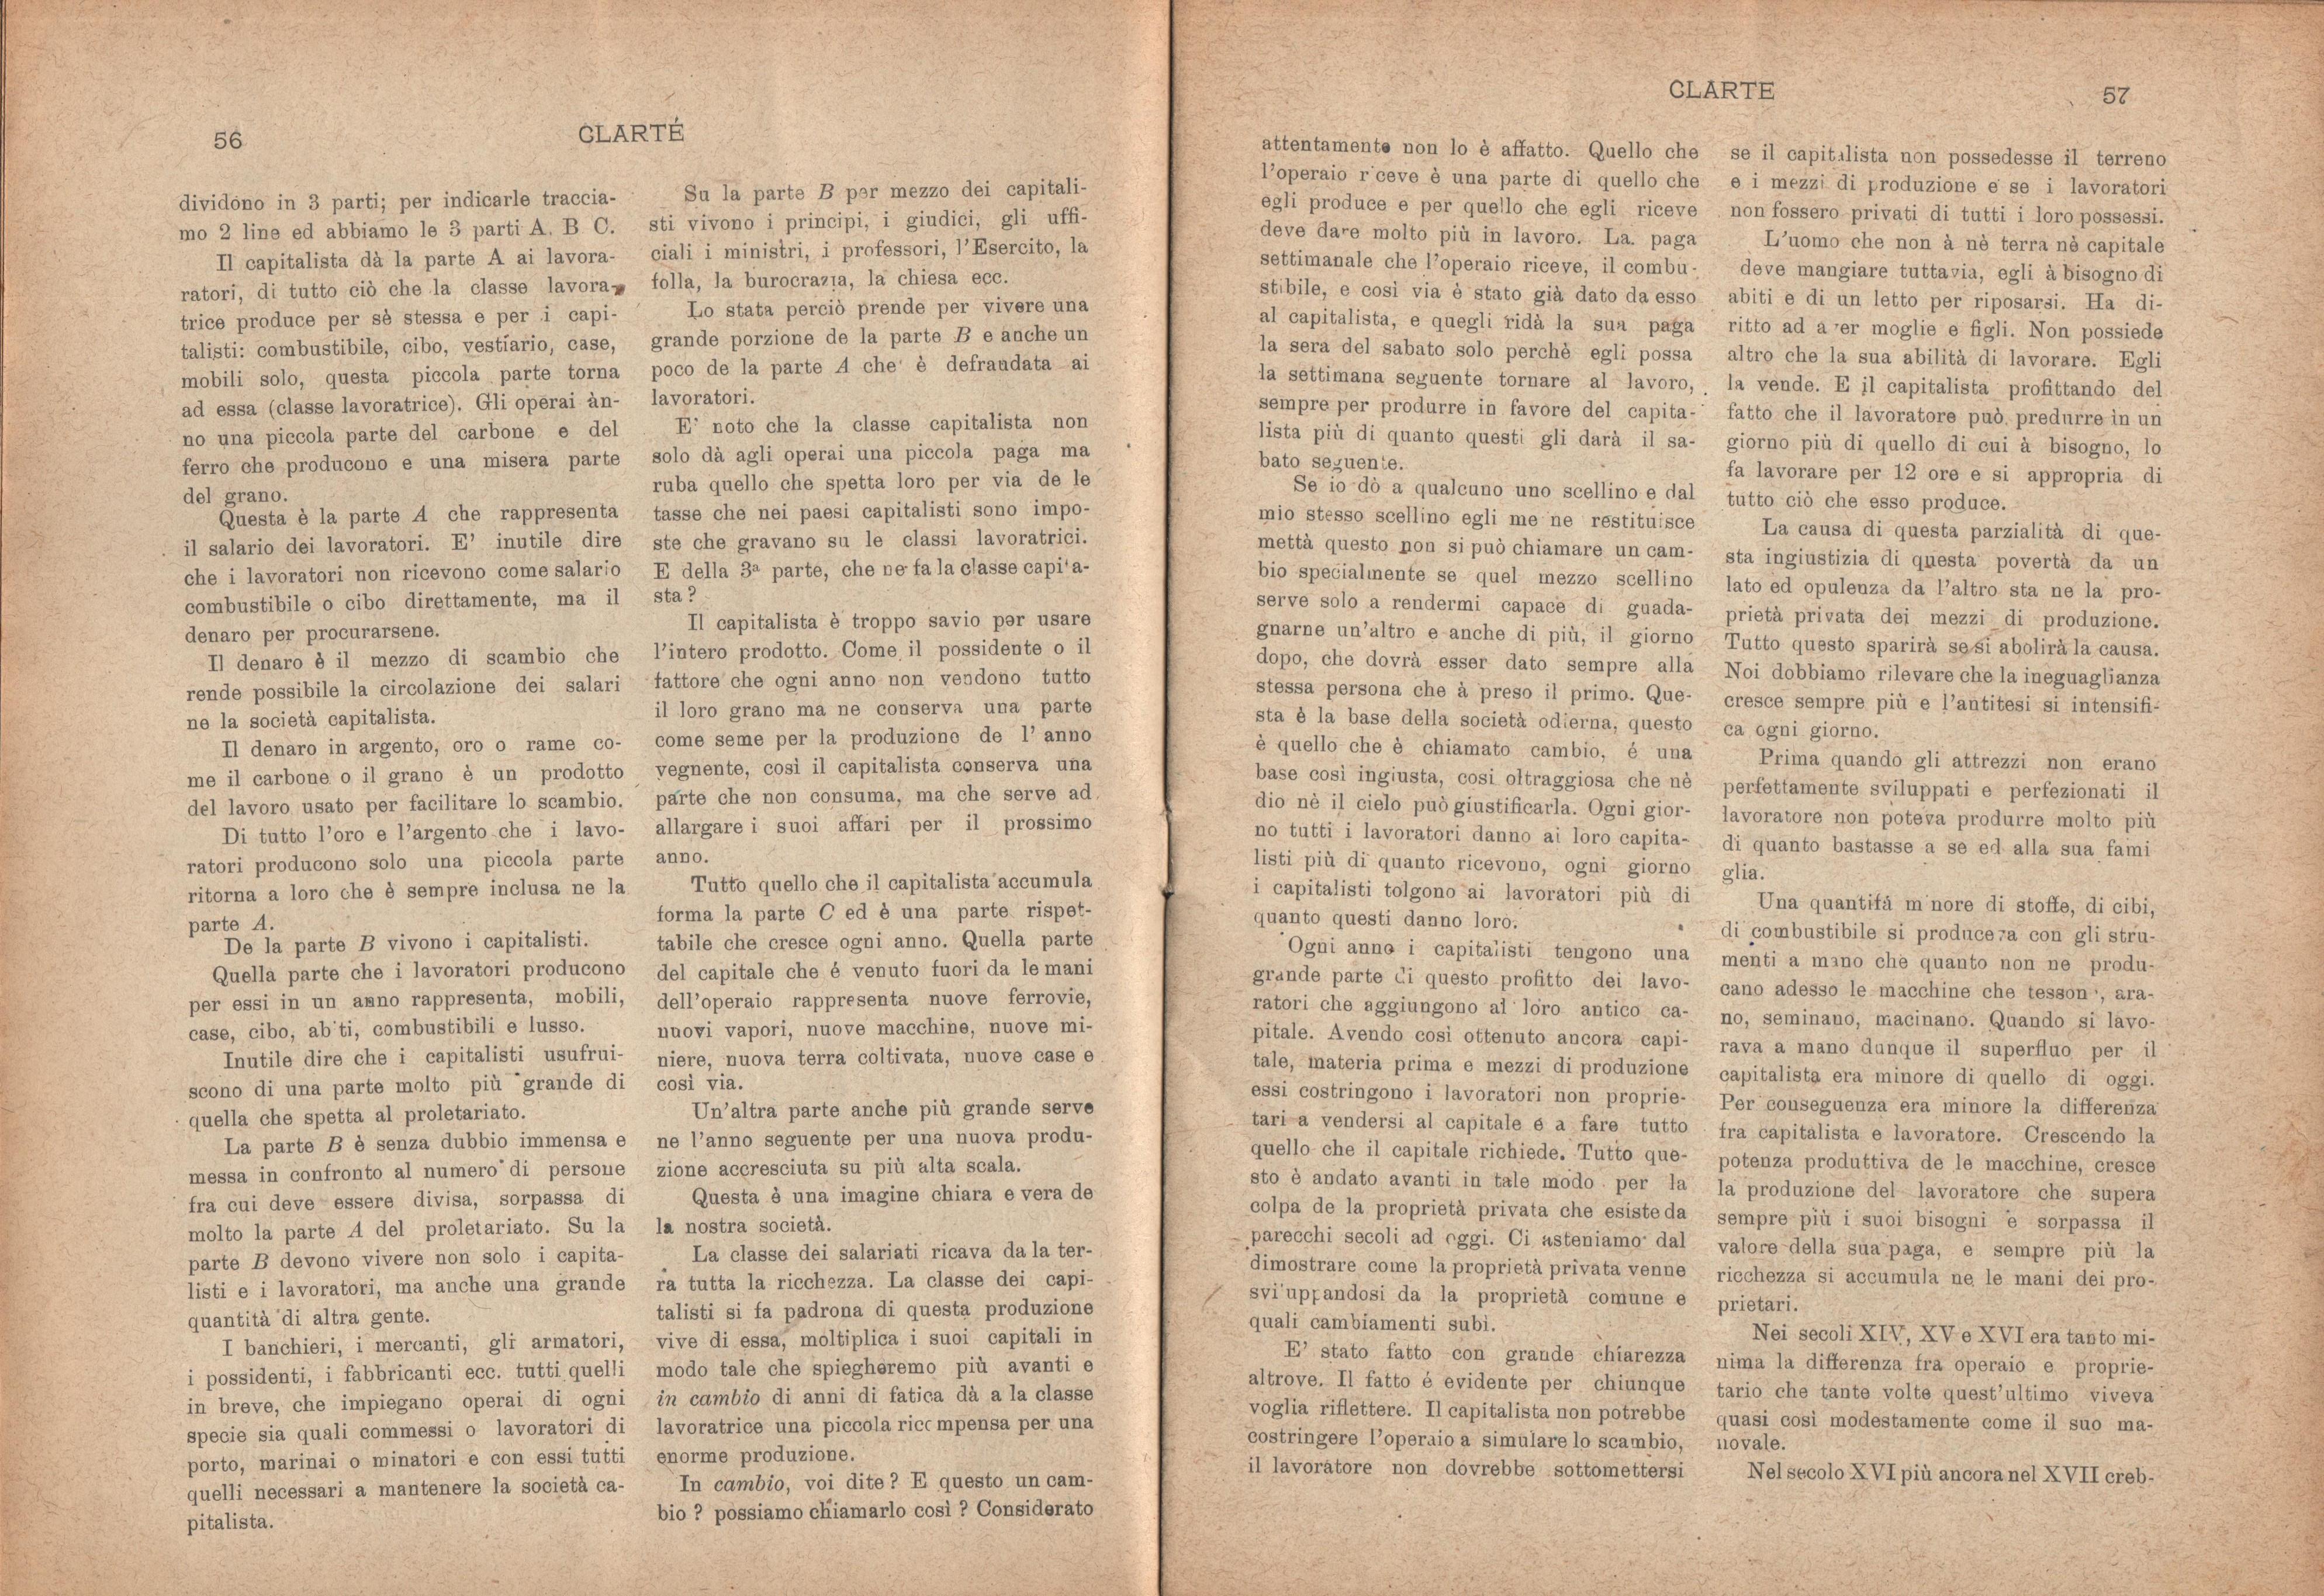 Clarté. Rivista mensile degli studenti comunisti (a. I, n. 3, Palermo, 15 luglio 1920) - pag. 6